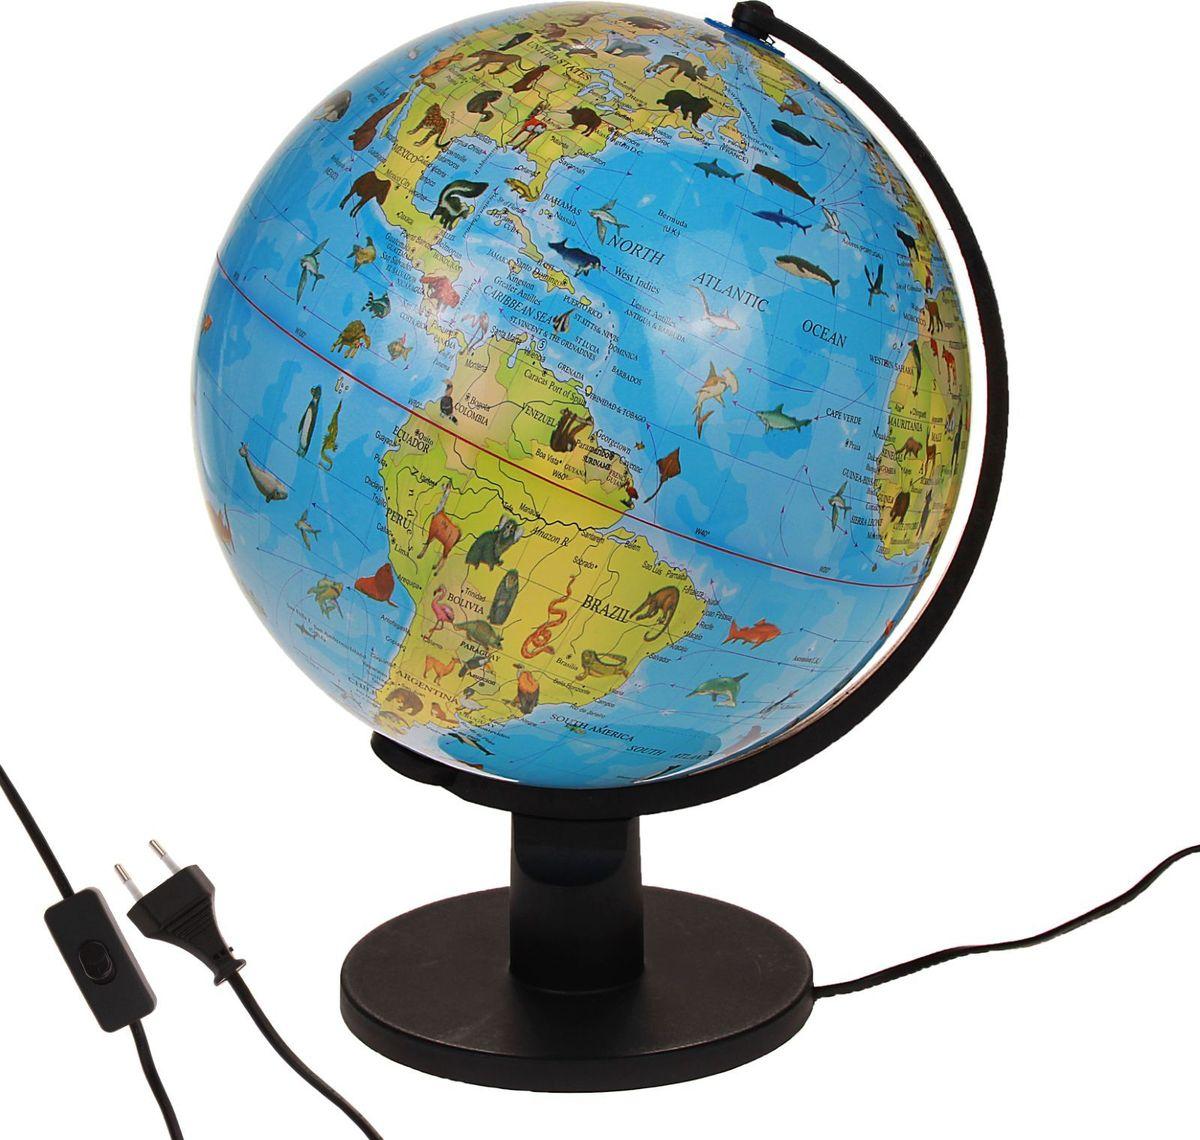 Глобус Ареал животных на английском языке диаметр 30 смКе013200233Этот макет земного шара дает информацию о распространении живых существ по континентам и водам мирового океана. С его помощью вы увидите, на какой территории обитает определенный вид животного. Помните, что границы ареалов условны, потому что не все популяции постоянно проживают в пределах одной зоны. На глобусе также отображены: страны, столицы и названия некоторых крупных населенных пунктов экватор параллели меридианы градусы государственные границы демаркационные линии.Используйте изделие как ночник. Он оснащен мягкой, приглушенной LED-подсветкой. Характеристики Объекты подписаны на английском языке. Высота глобуса с подставкой: 42 см. Диаметр: 30 см. Масштаб: 1:42 500 000. Изготовлен из прочного пластика.